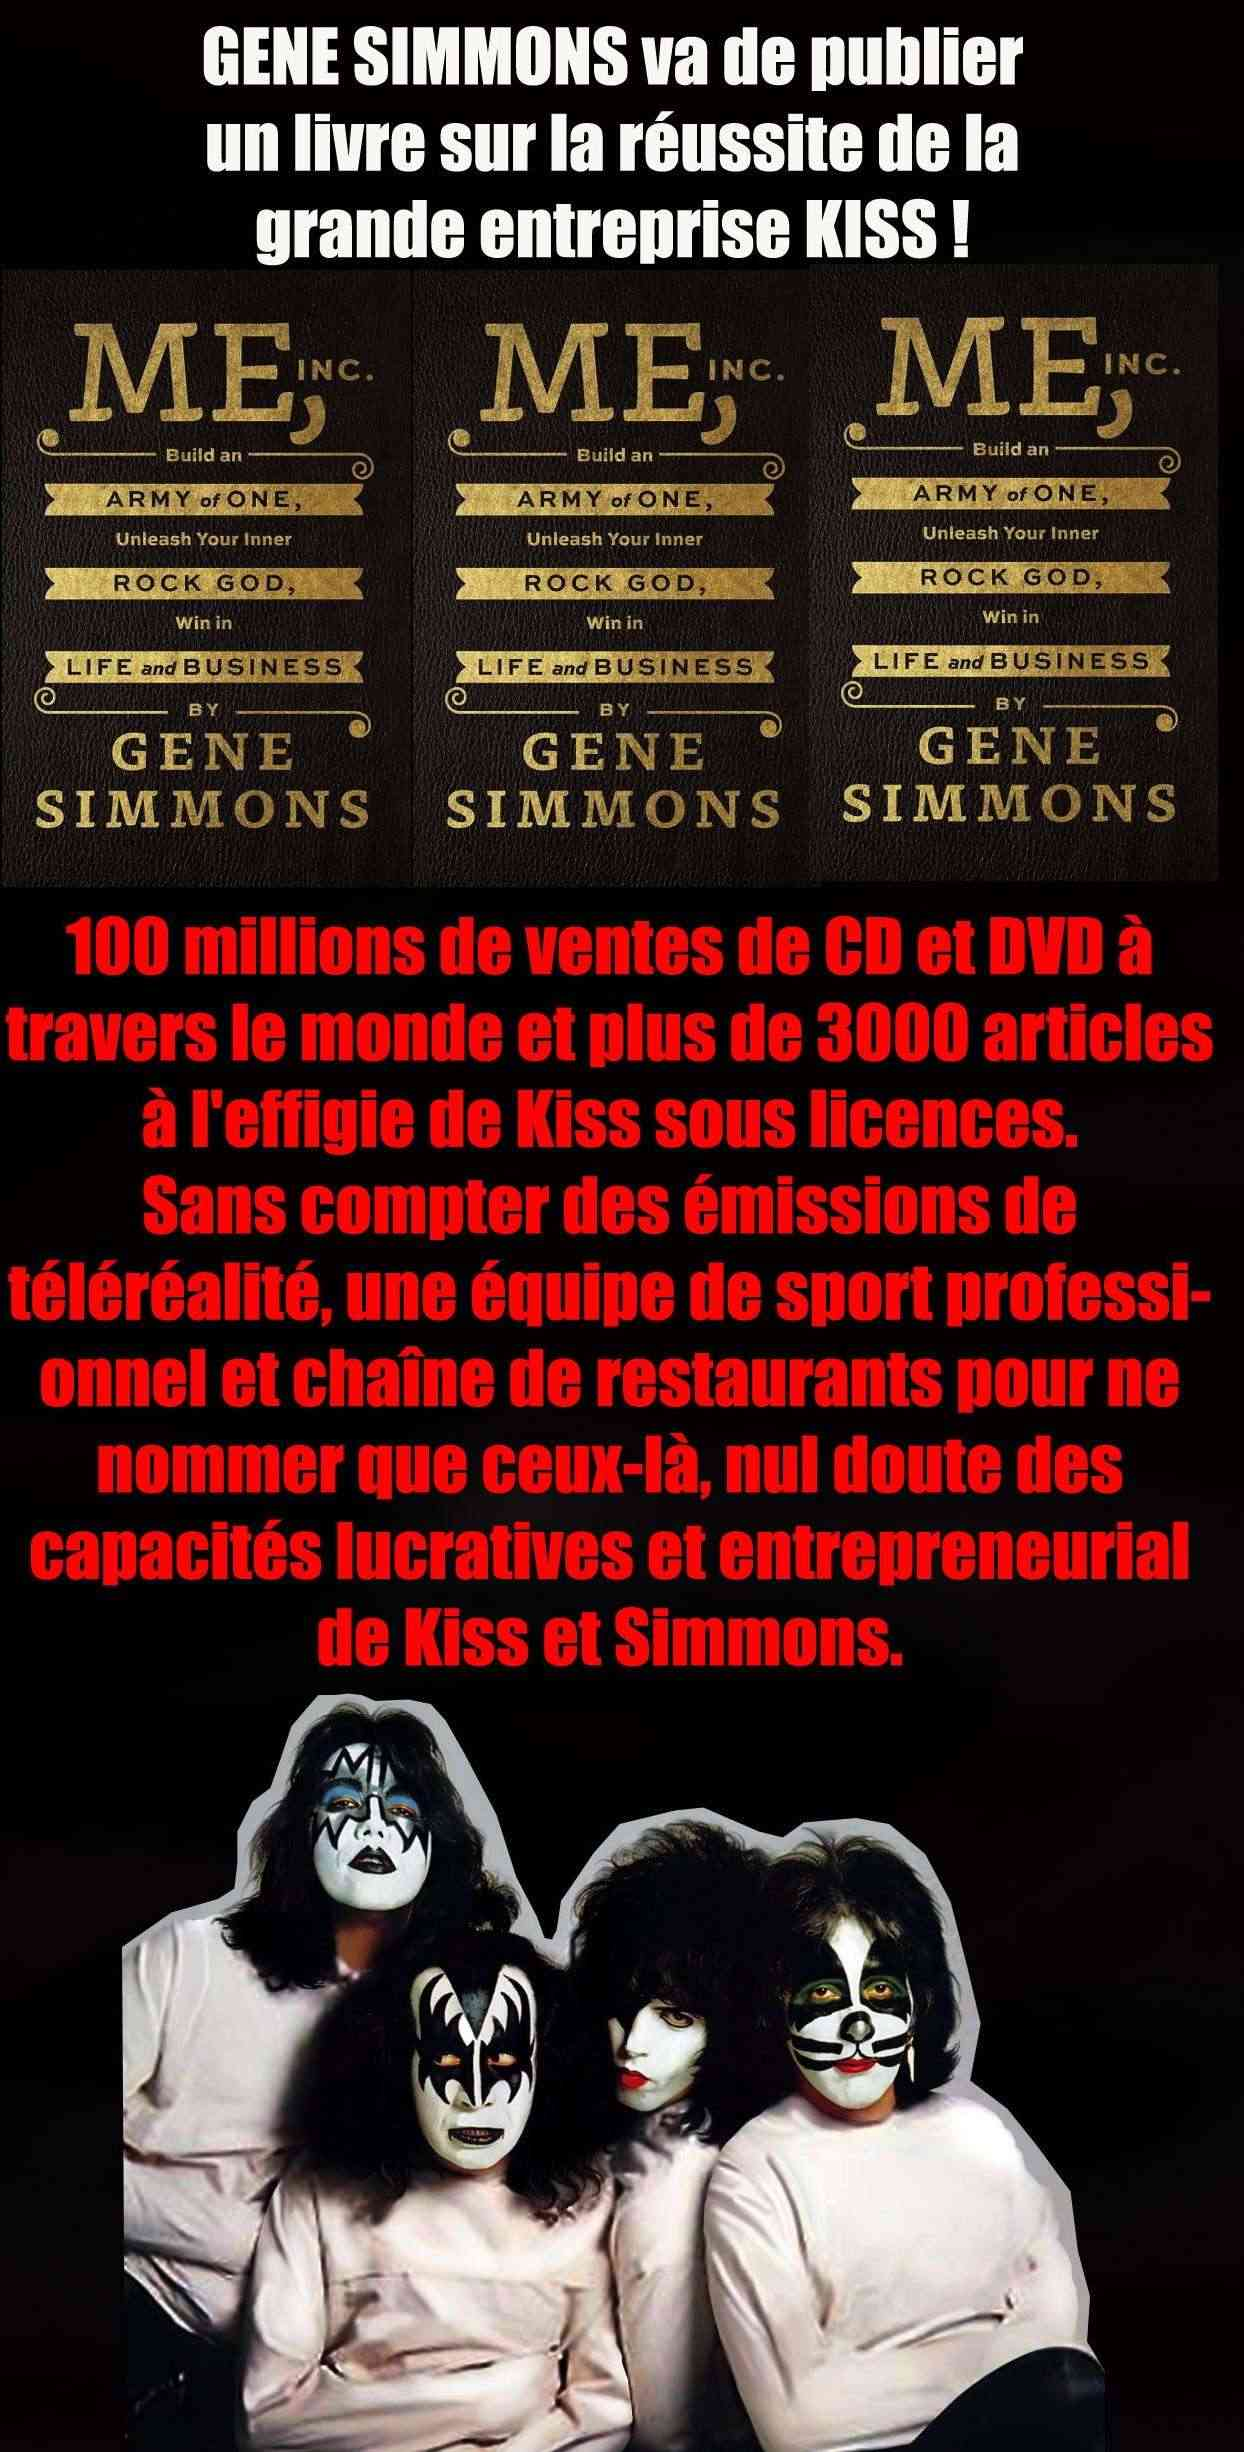 Les NEWS du METAL en VRAC ... - Page 6 Kiss_l10